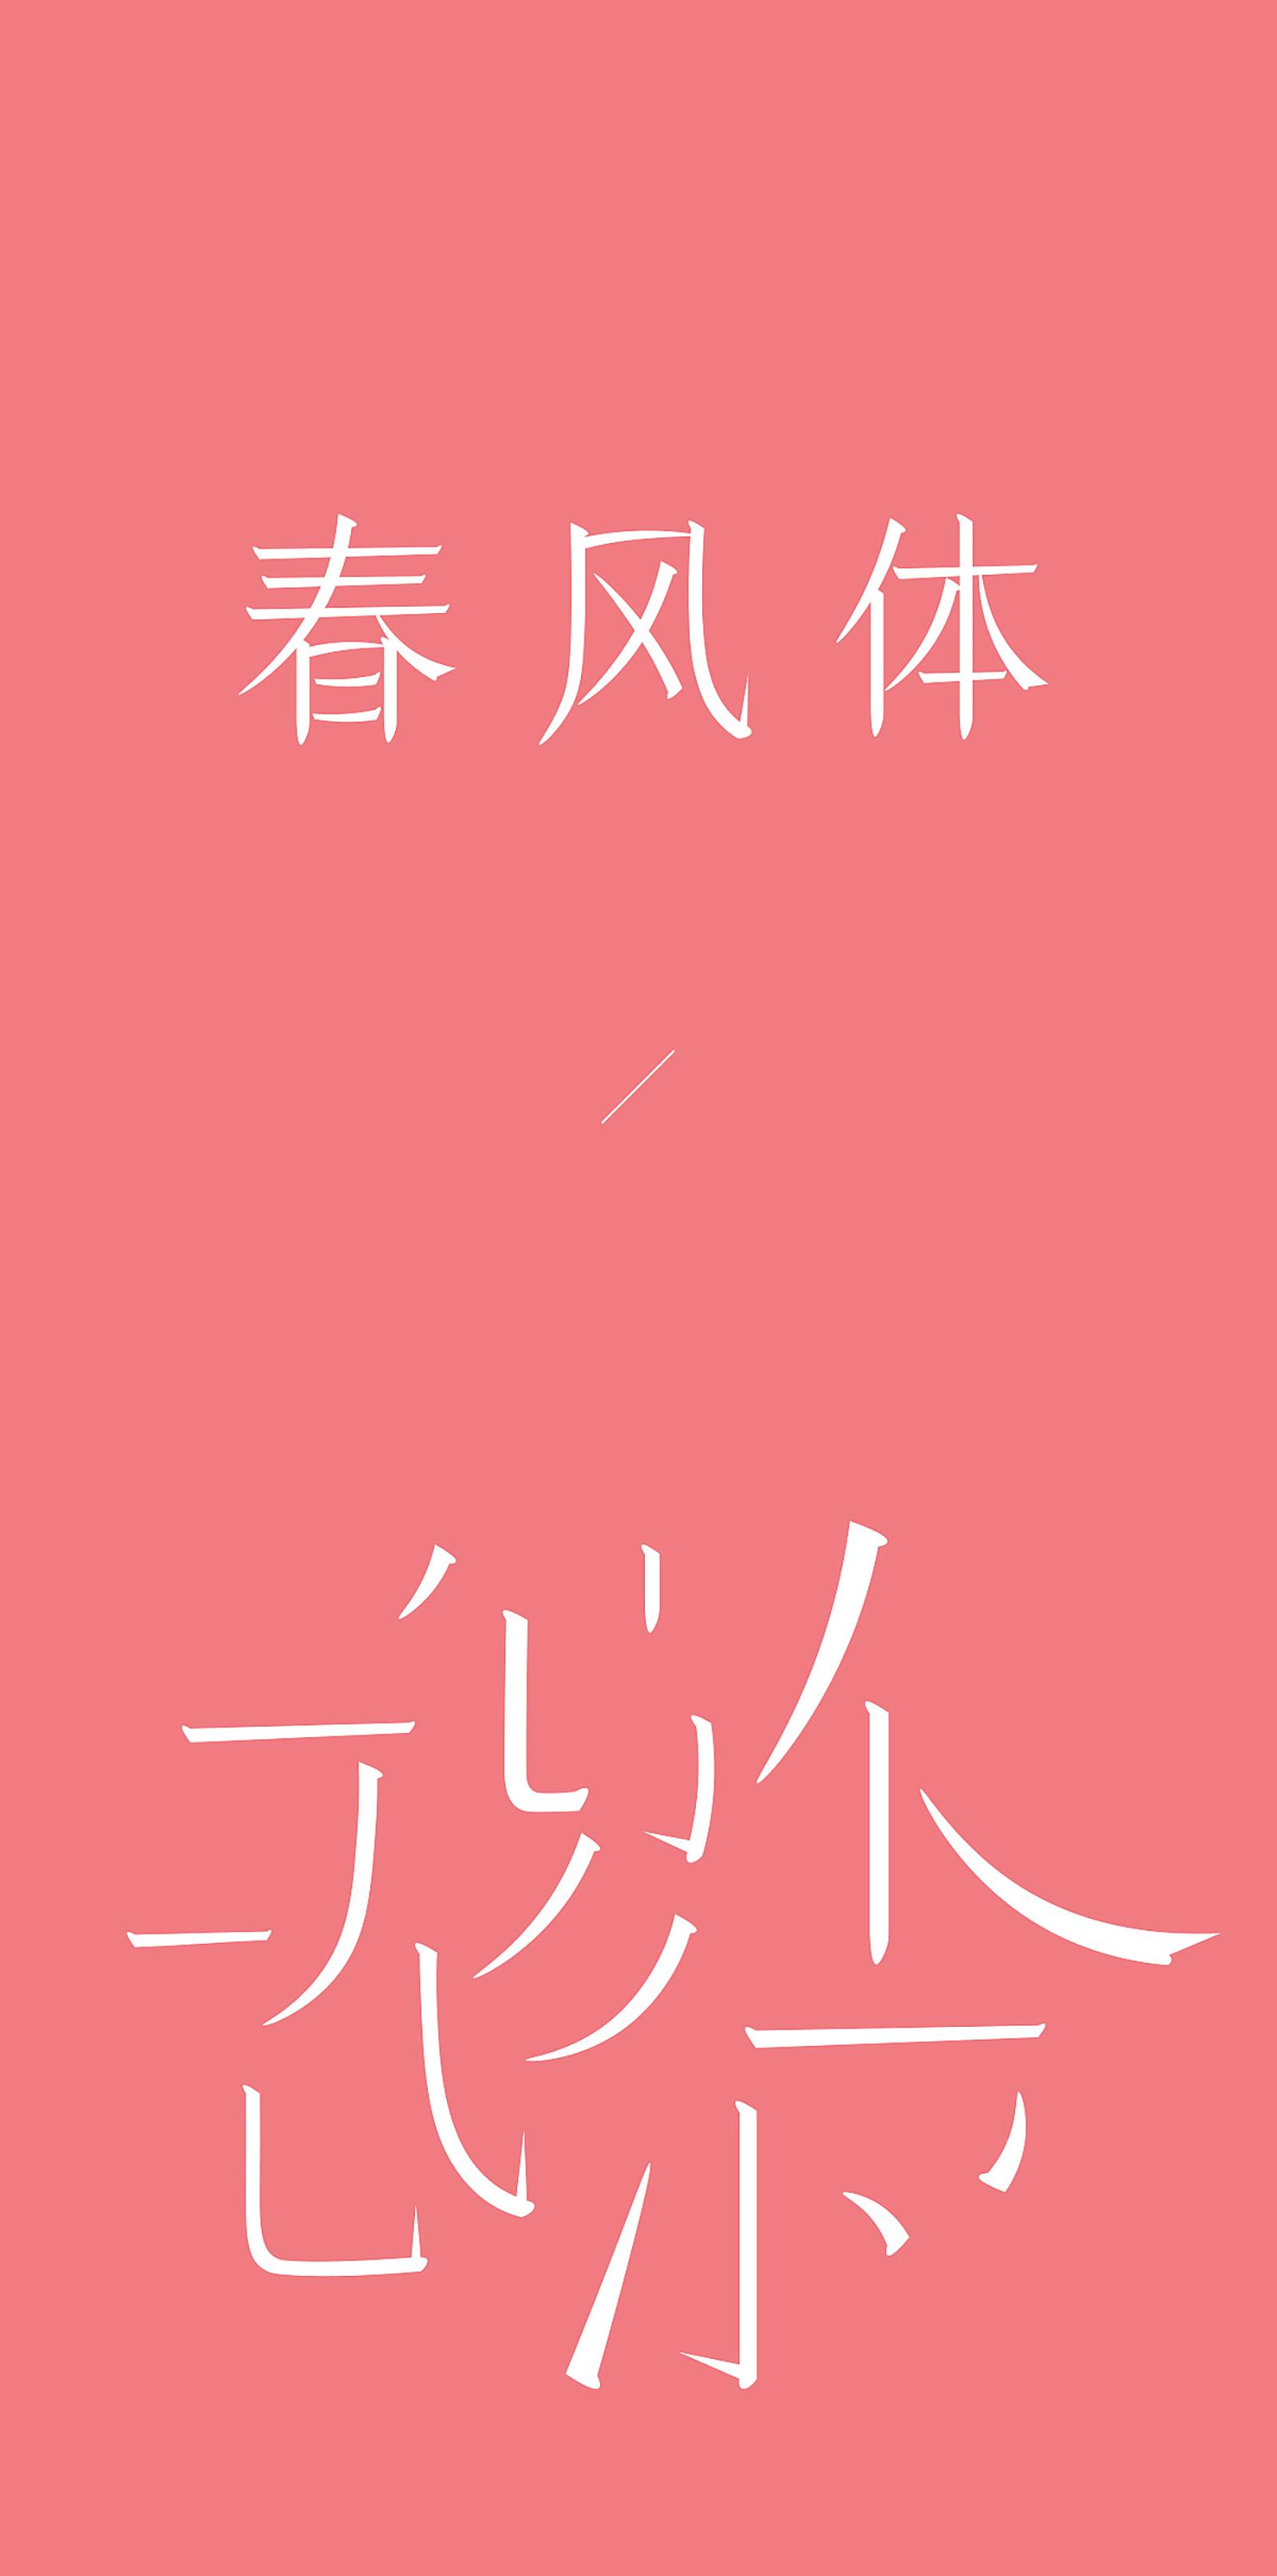 2019新字体:刘兵克春风体-深圳vi设计